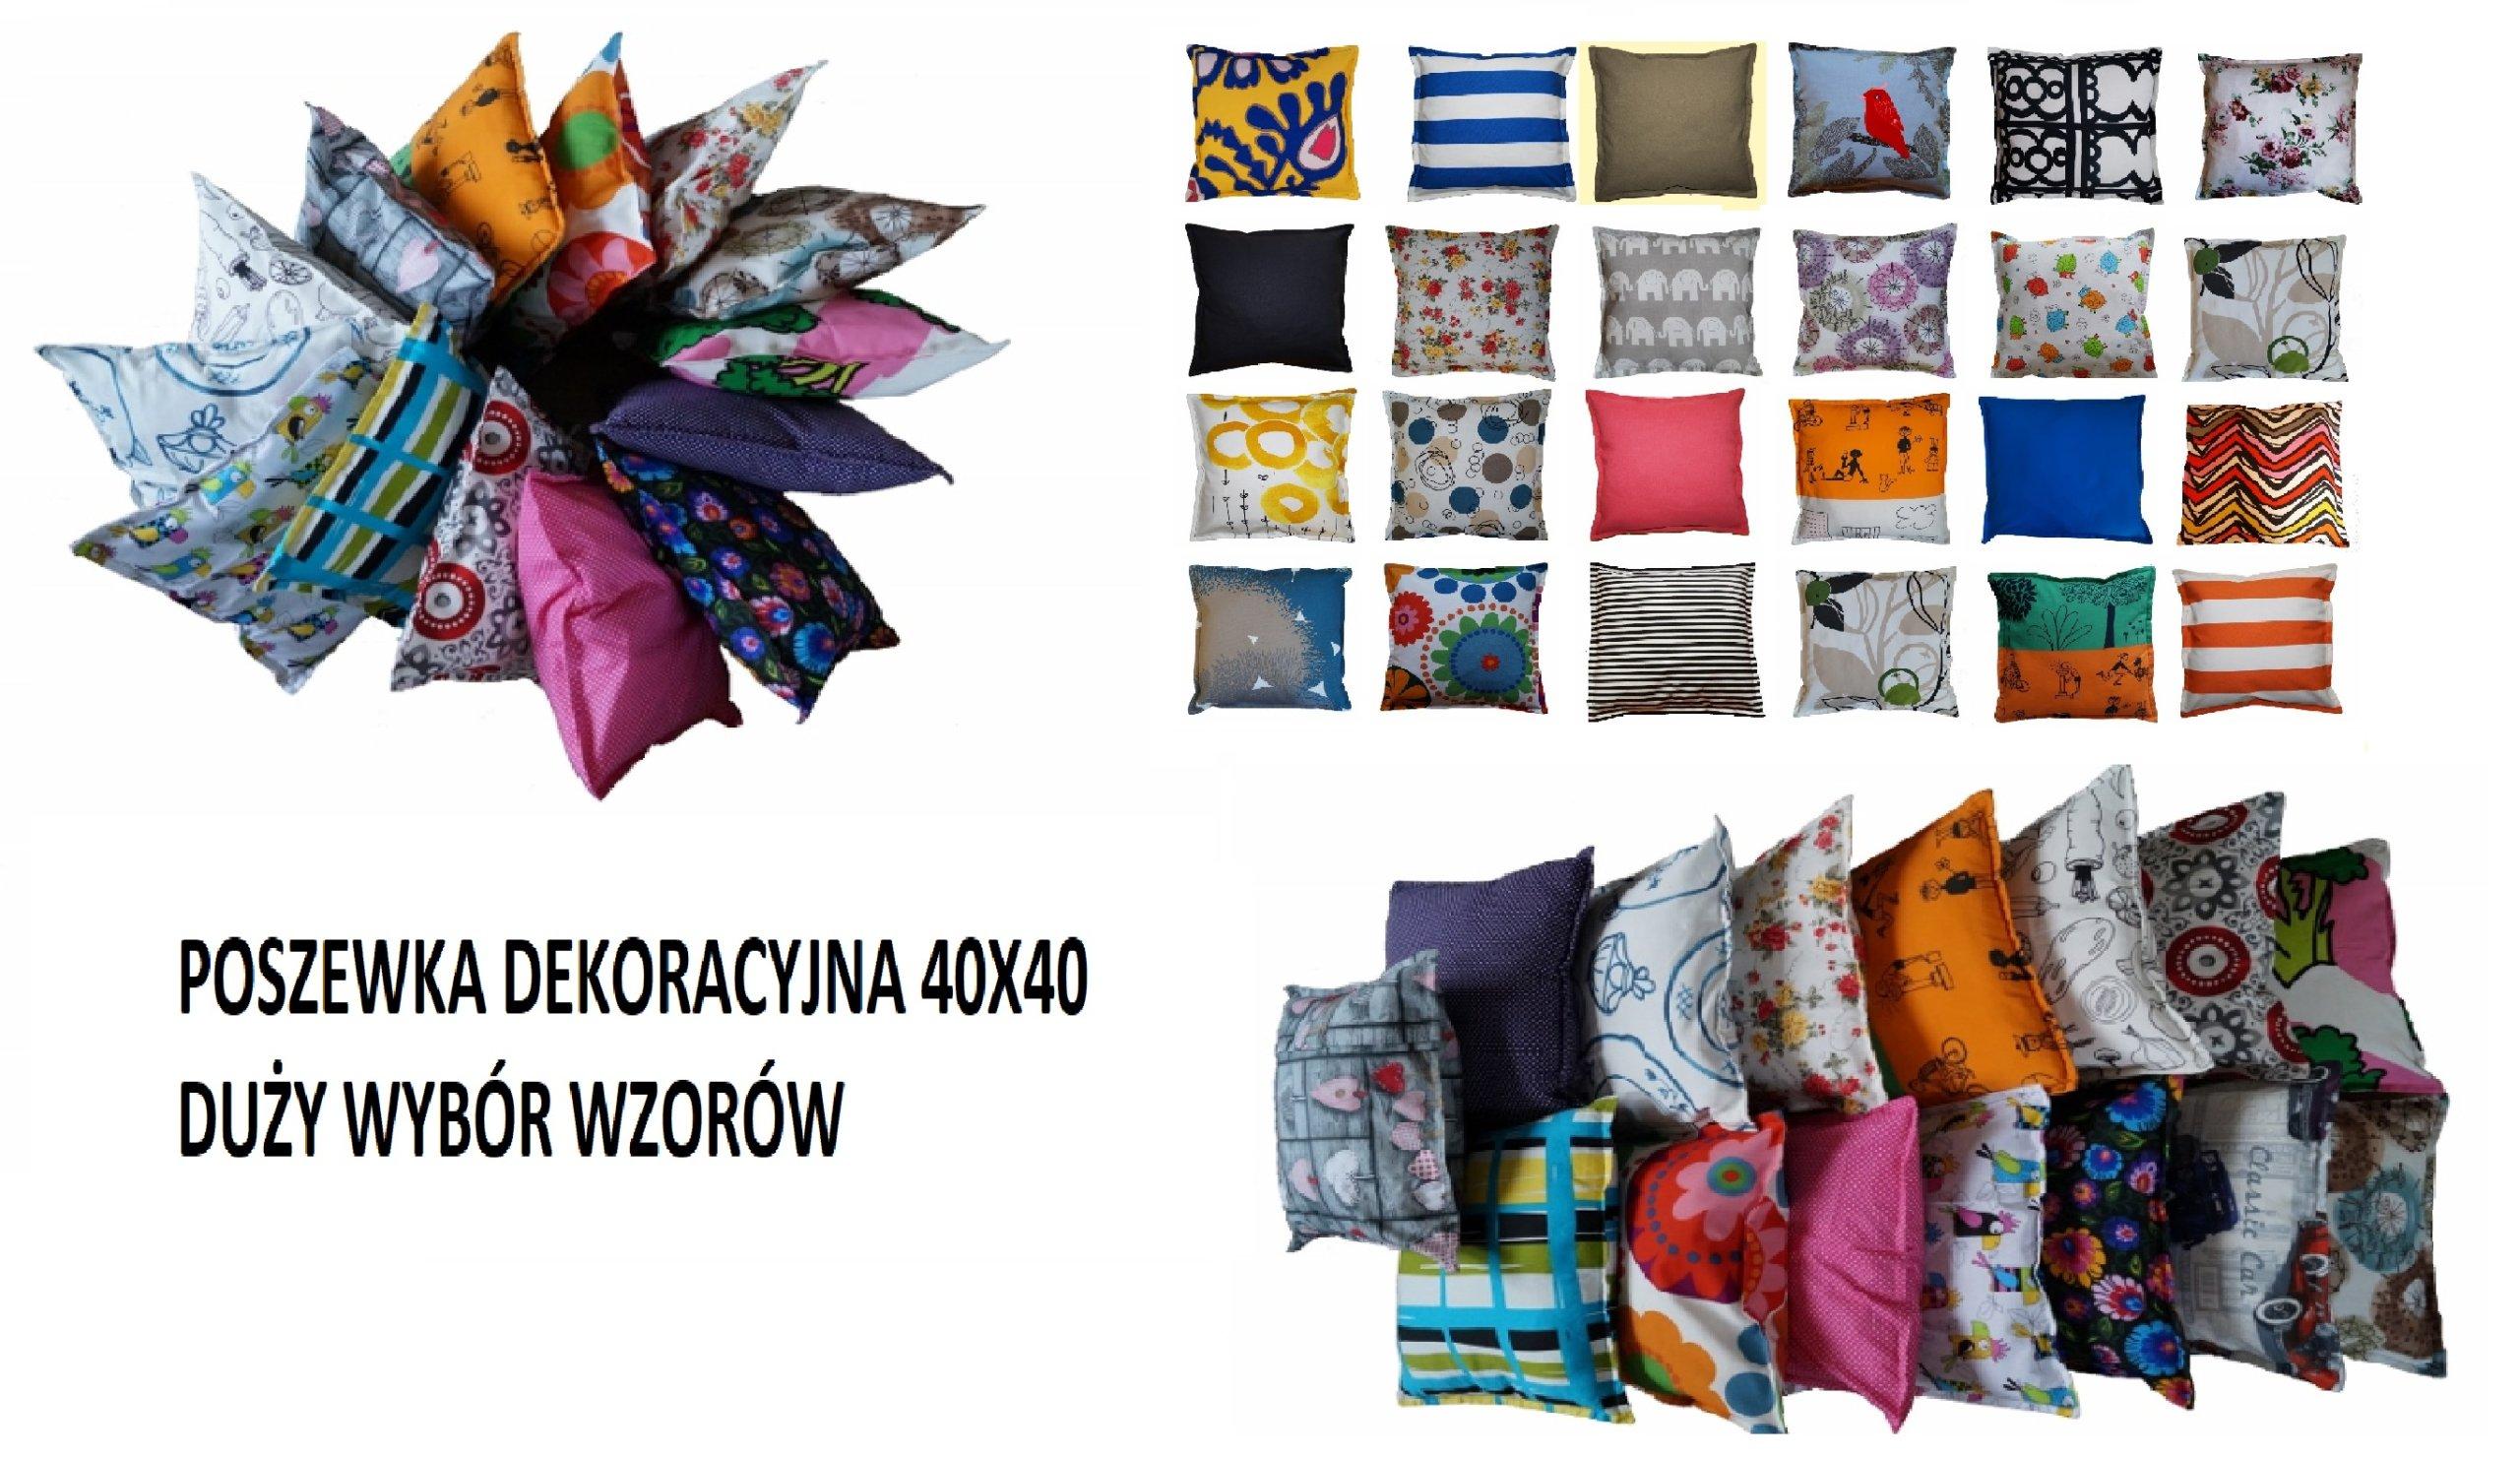 Poszewka Dekoracyjna 50x60 Poduszka Dużo Wzorów 7118904334